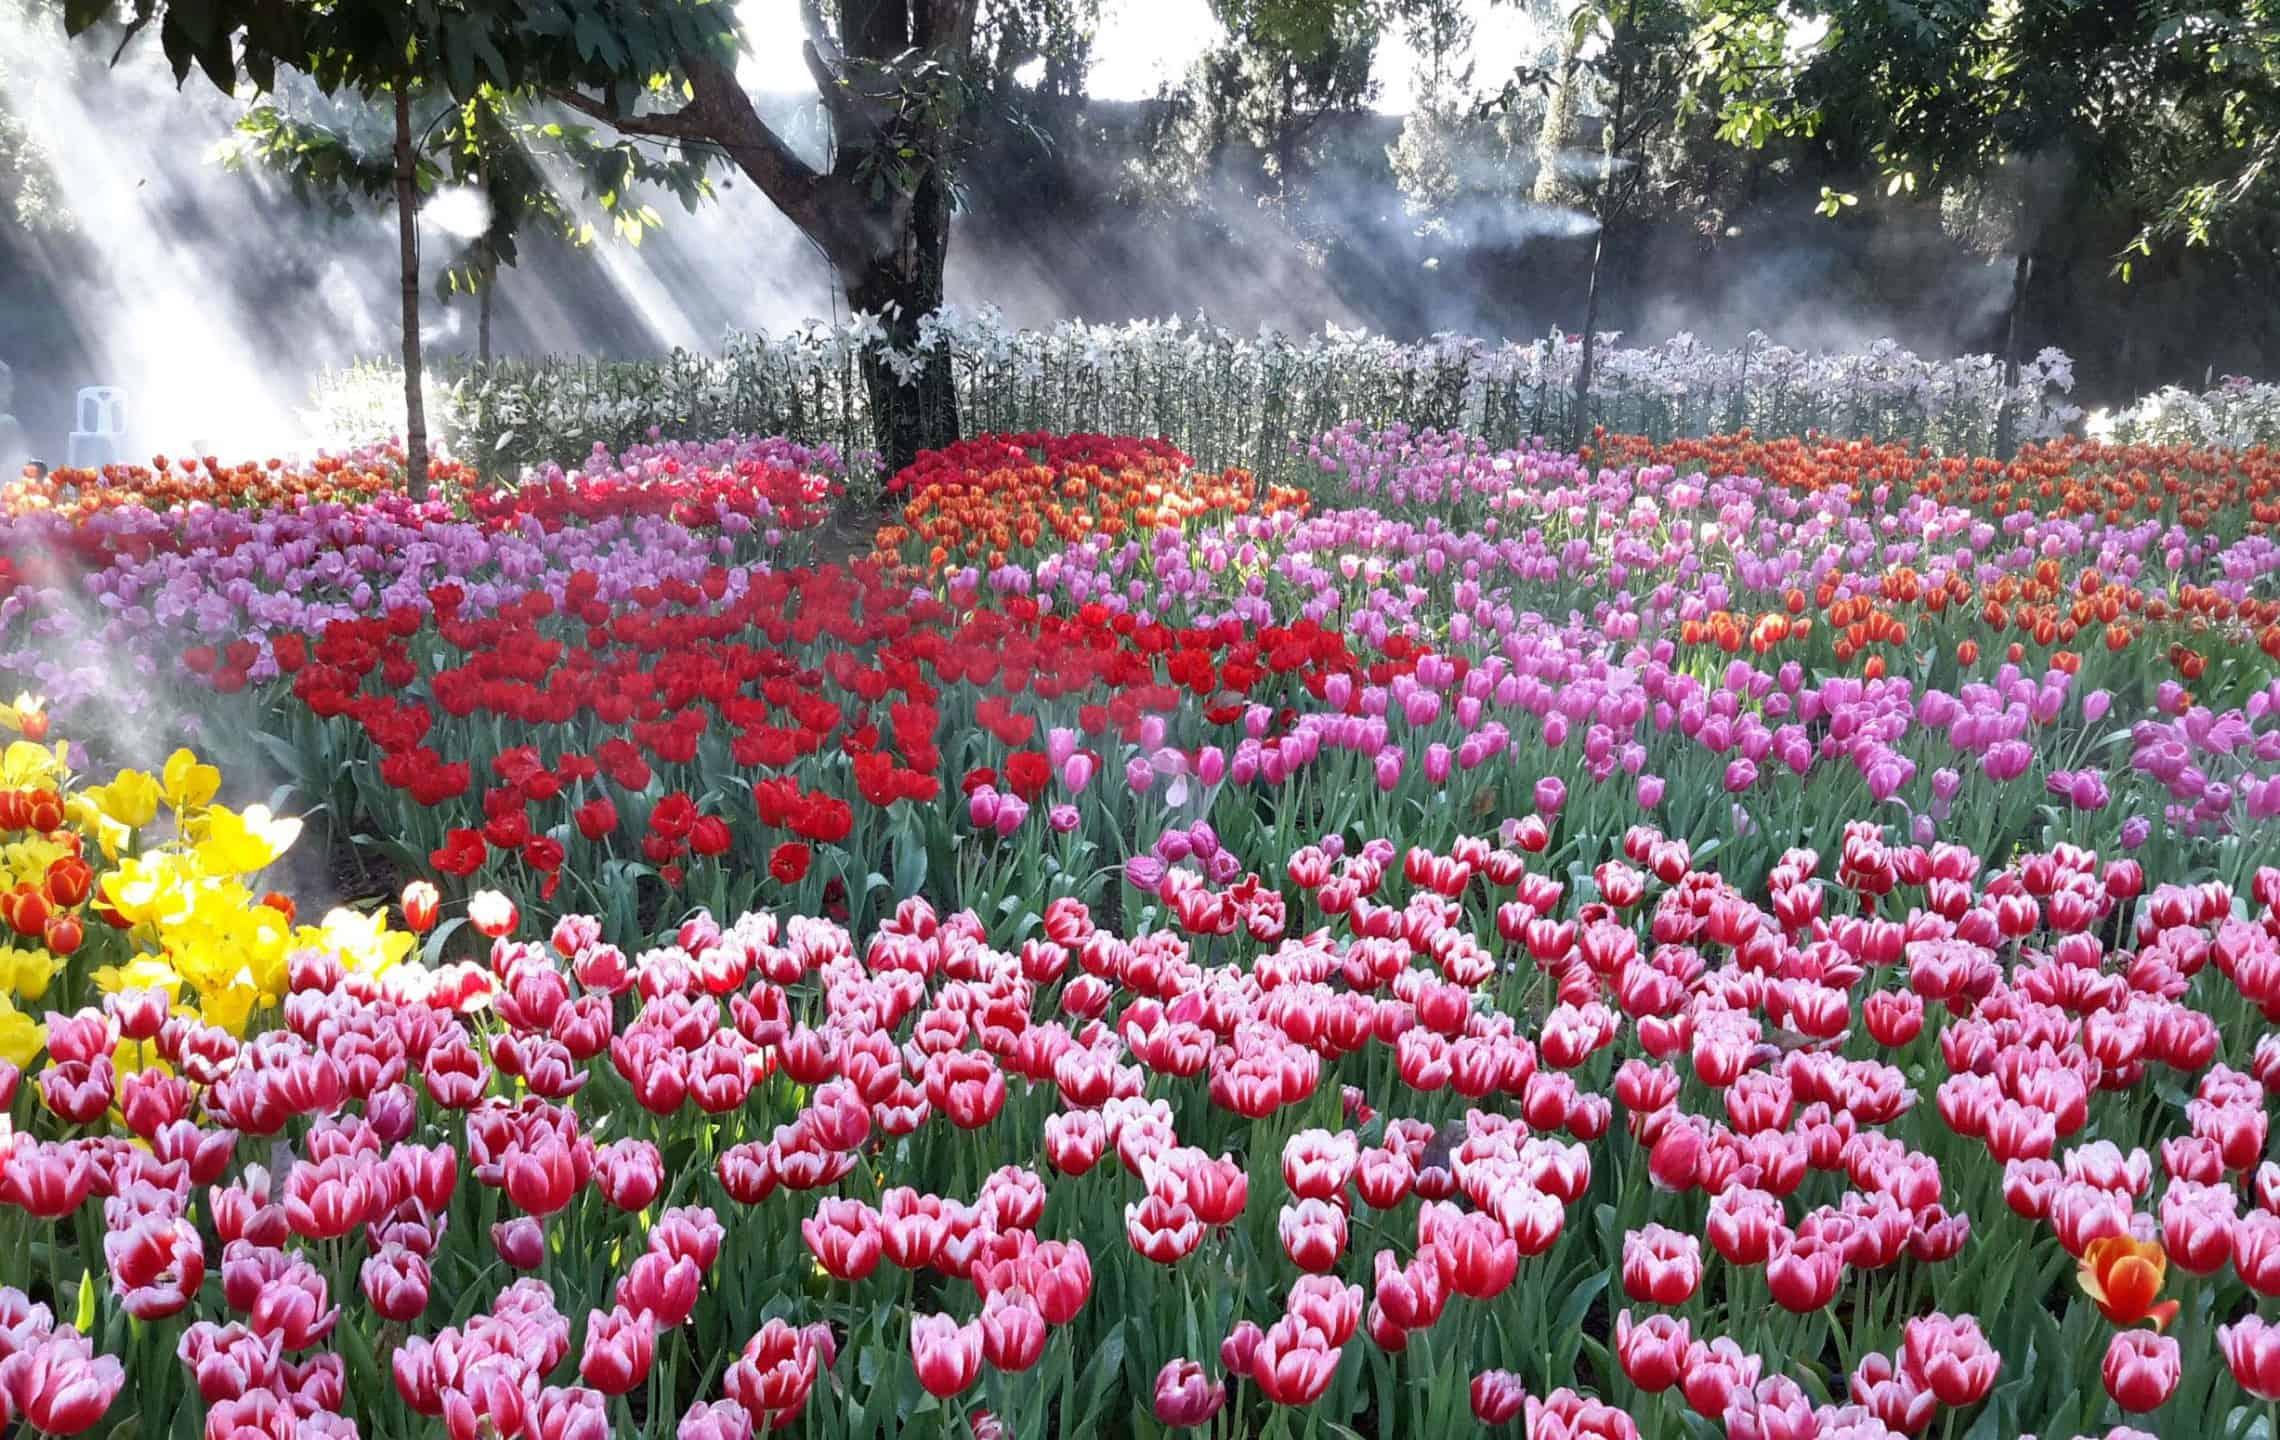 chiang rai tulip festival